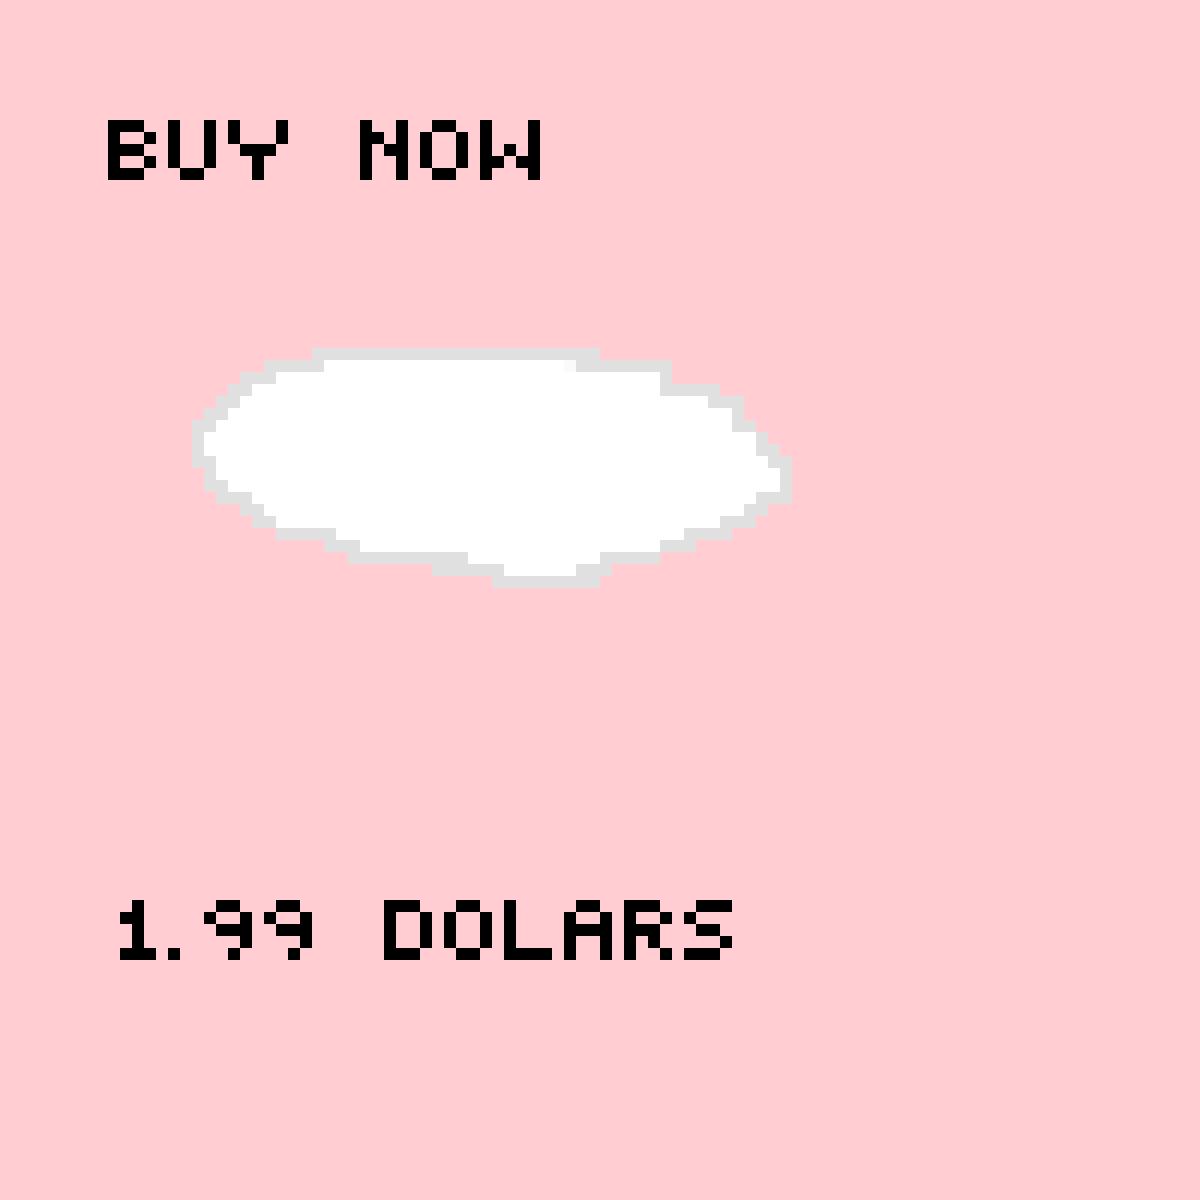 #buy now by qerlx